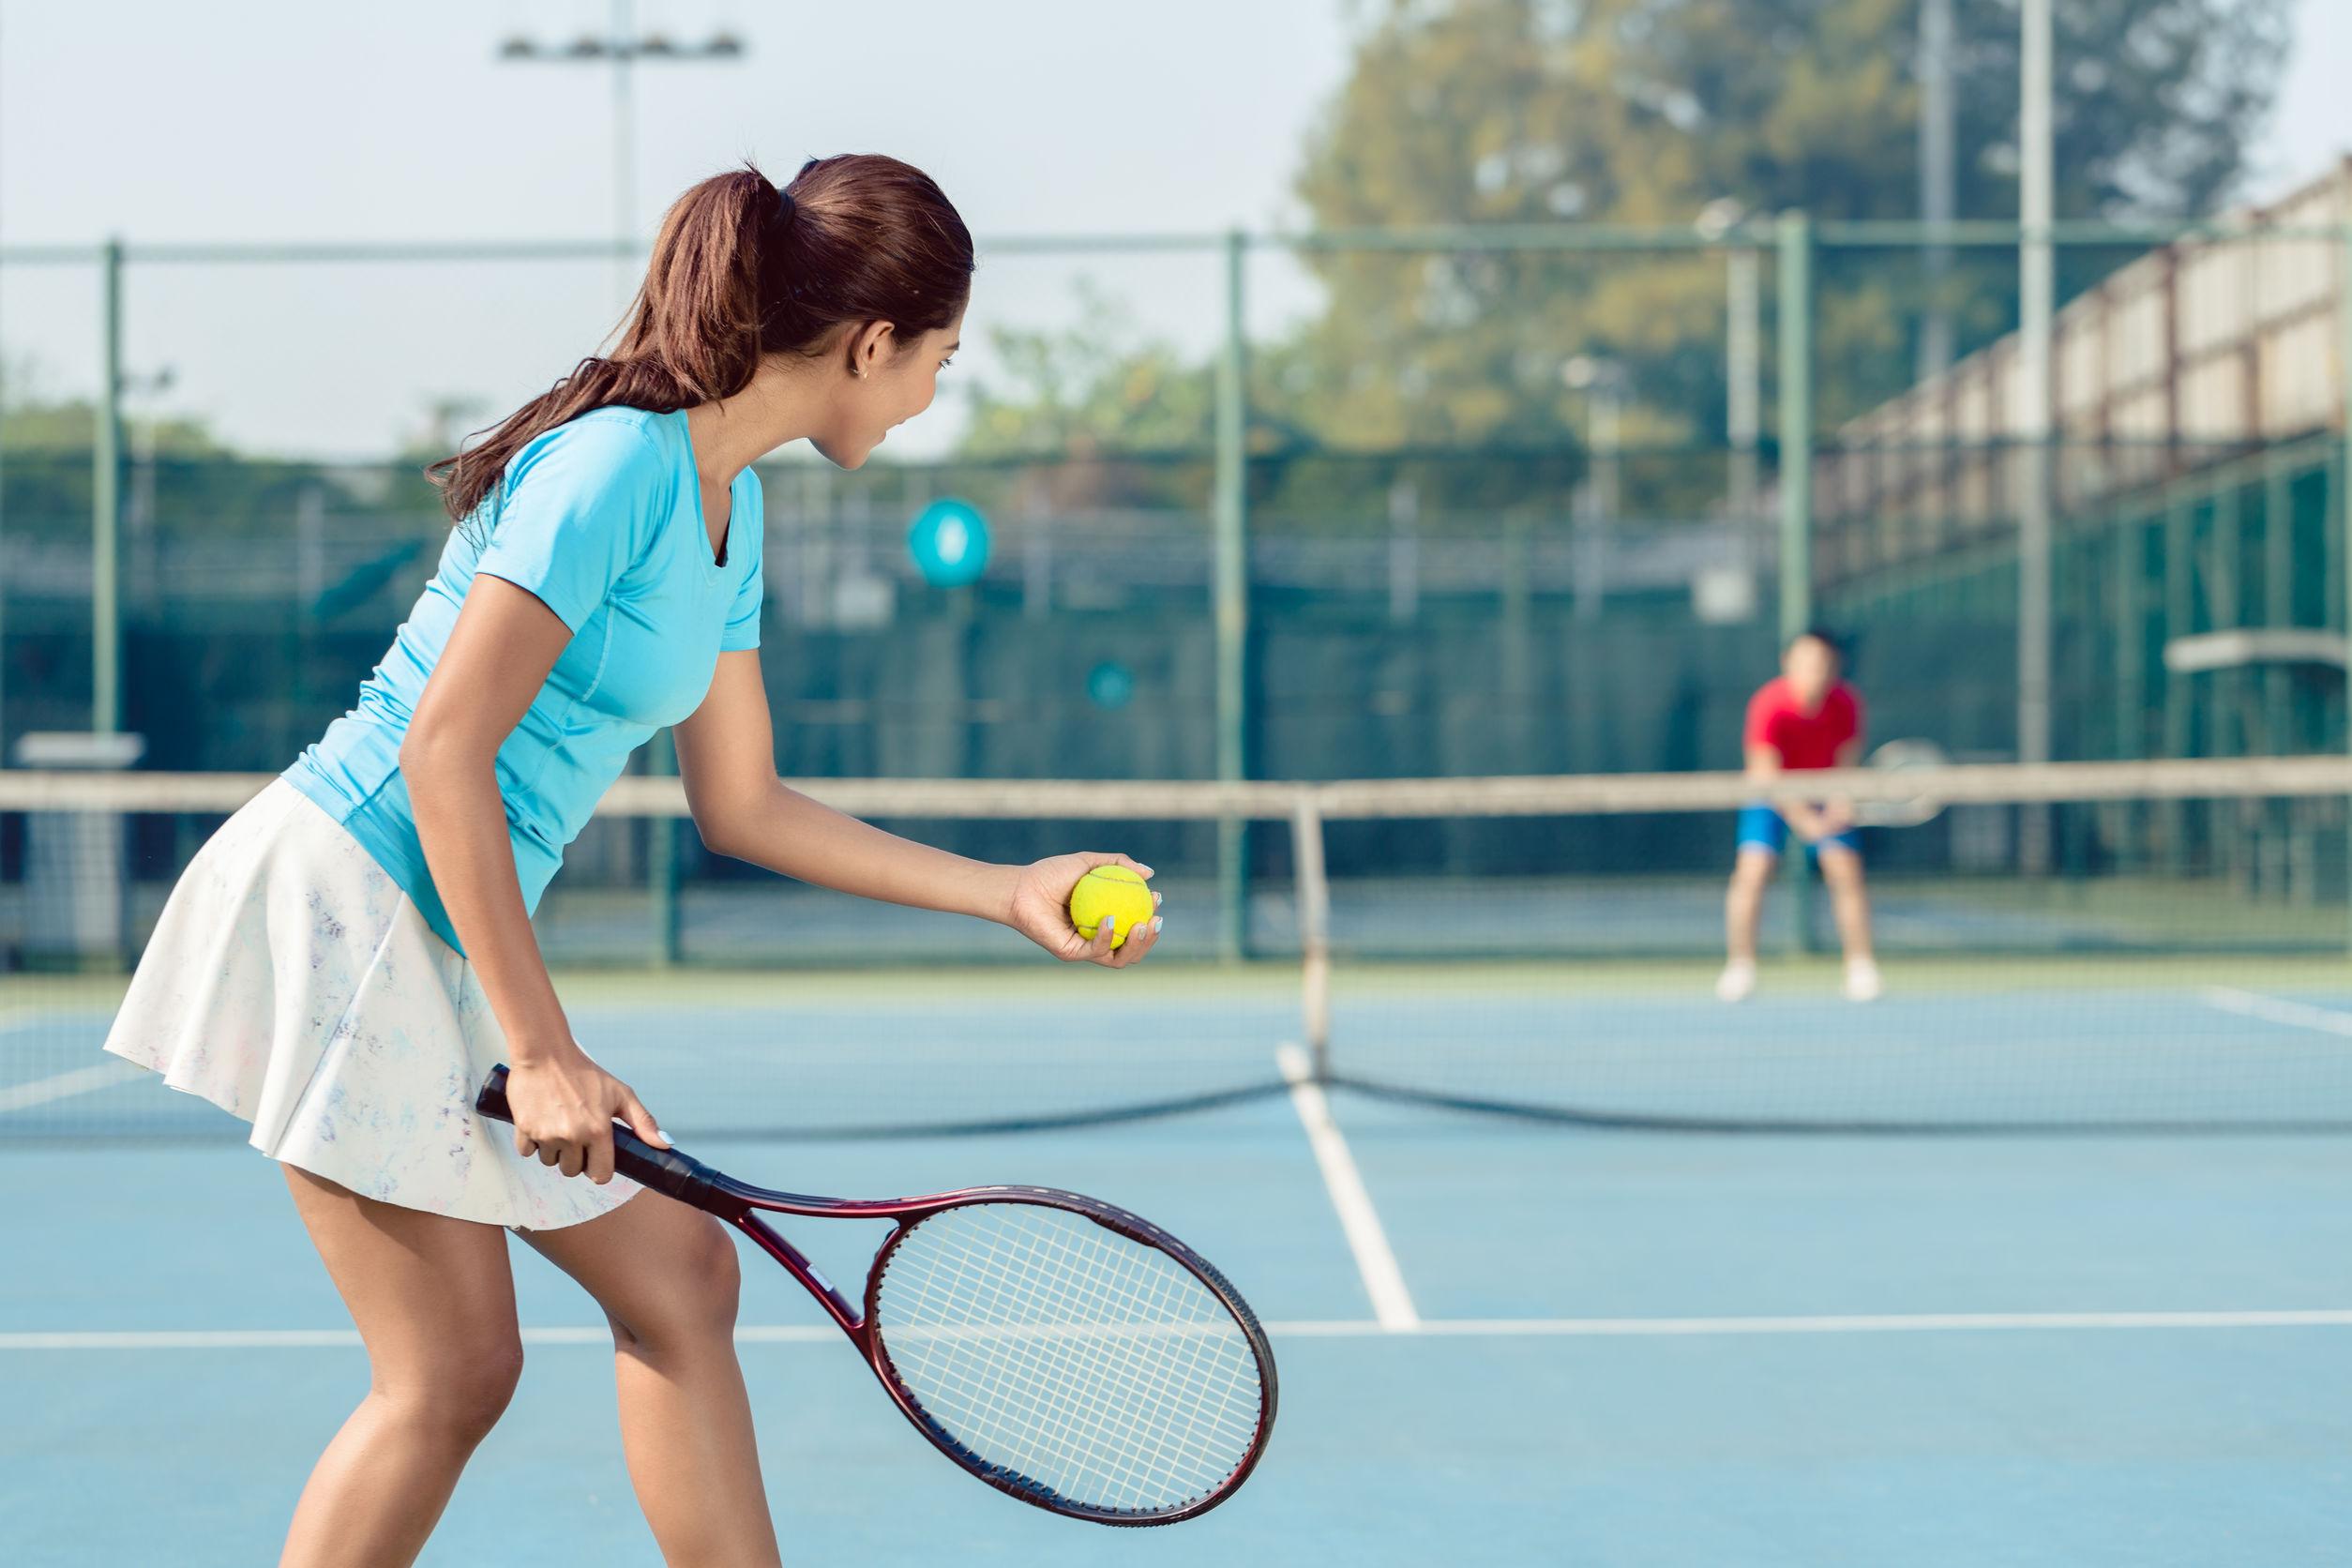 Jugadora profesional sonriendo mientras sirve durante el partido de tenis